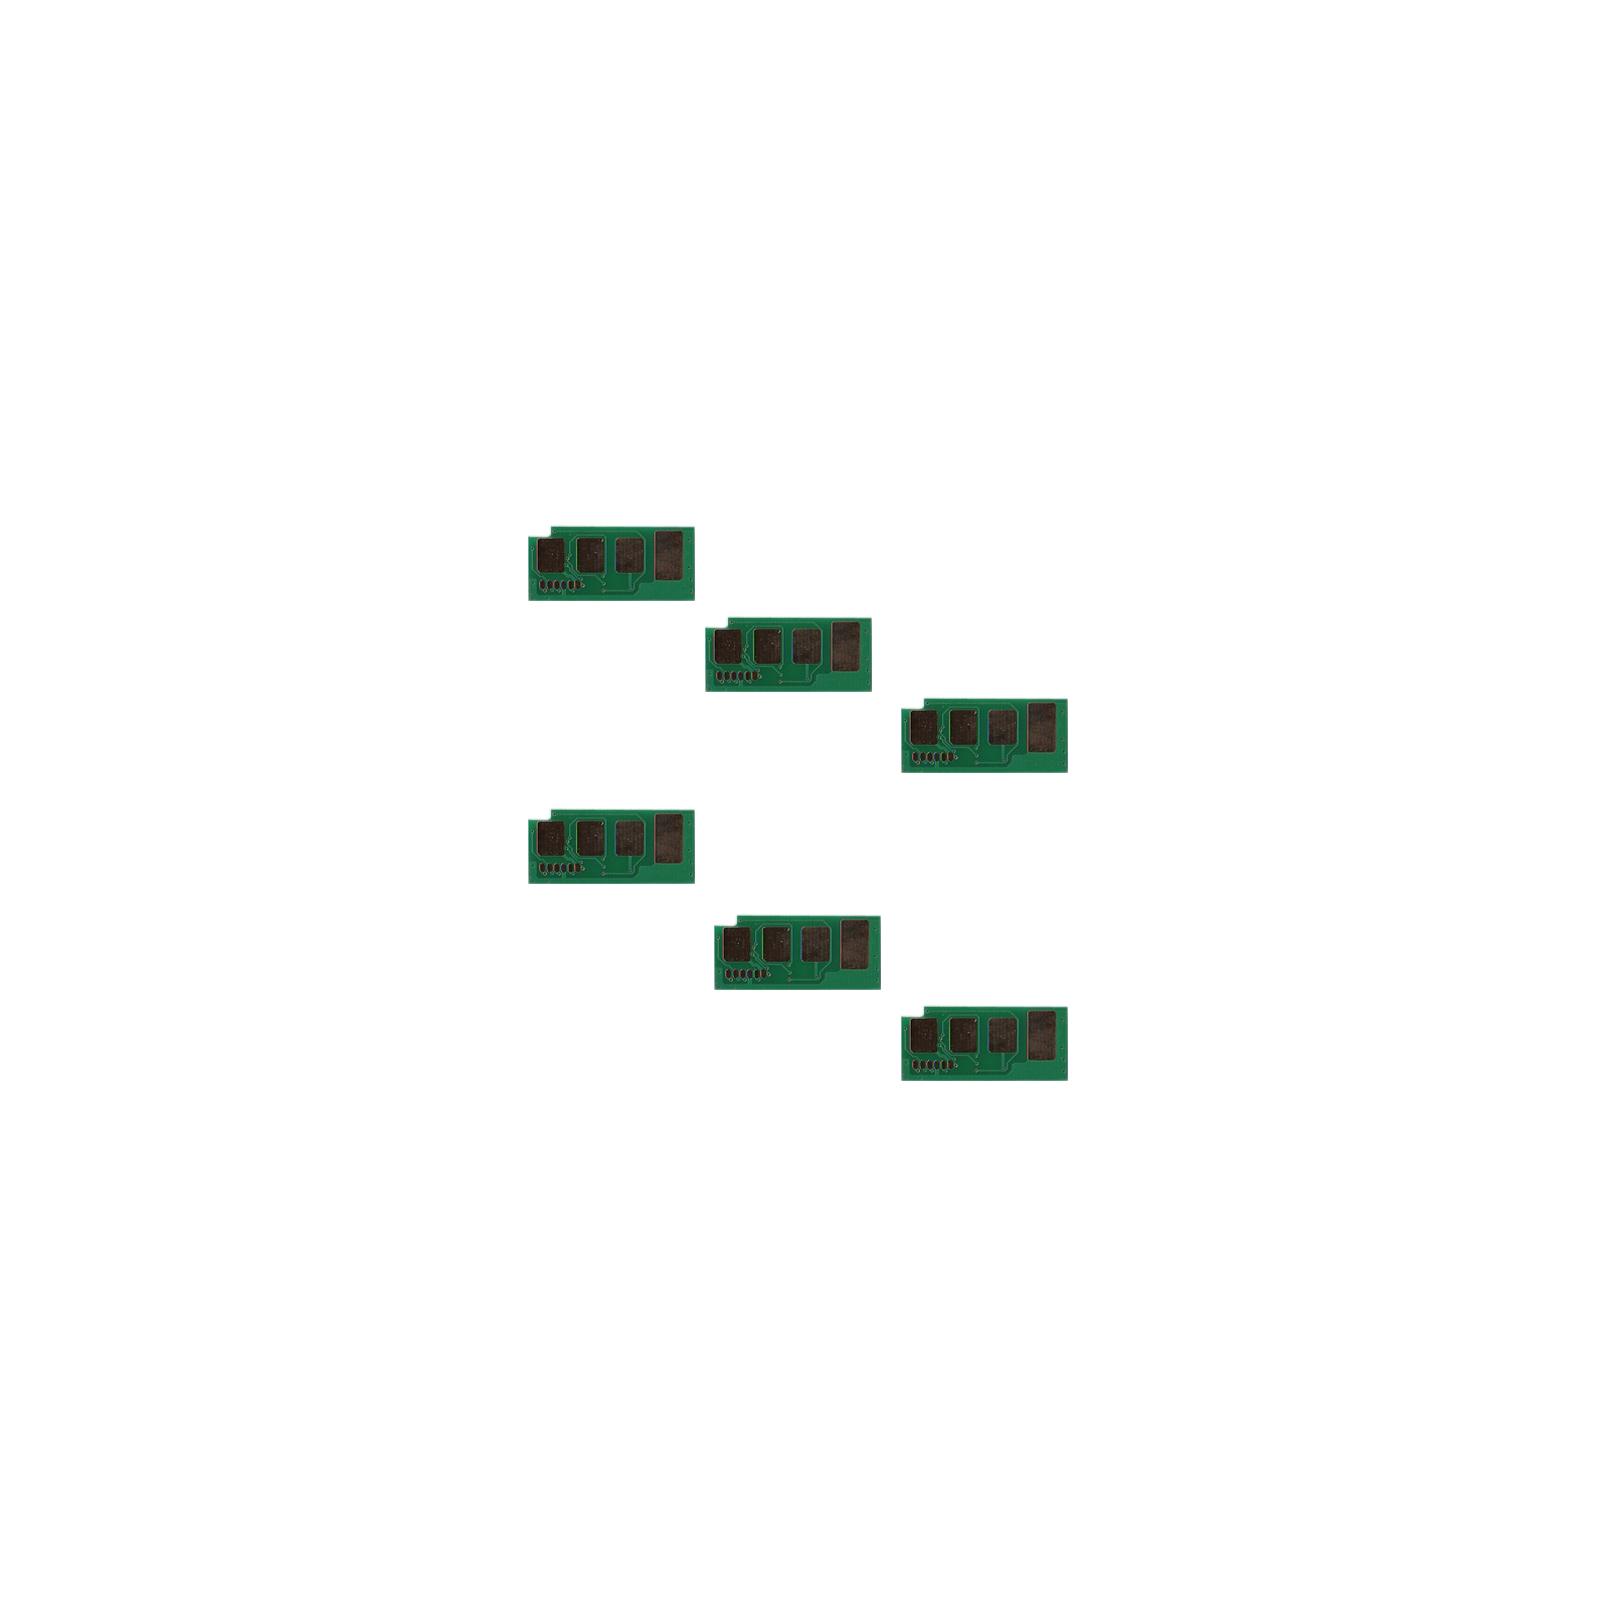 Чип для картриджа SAMSUNG ML-3310/3710/SCX4833 AHK (1801446)